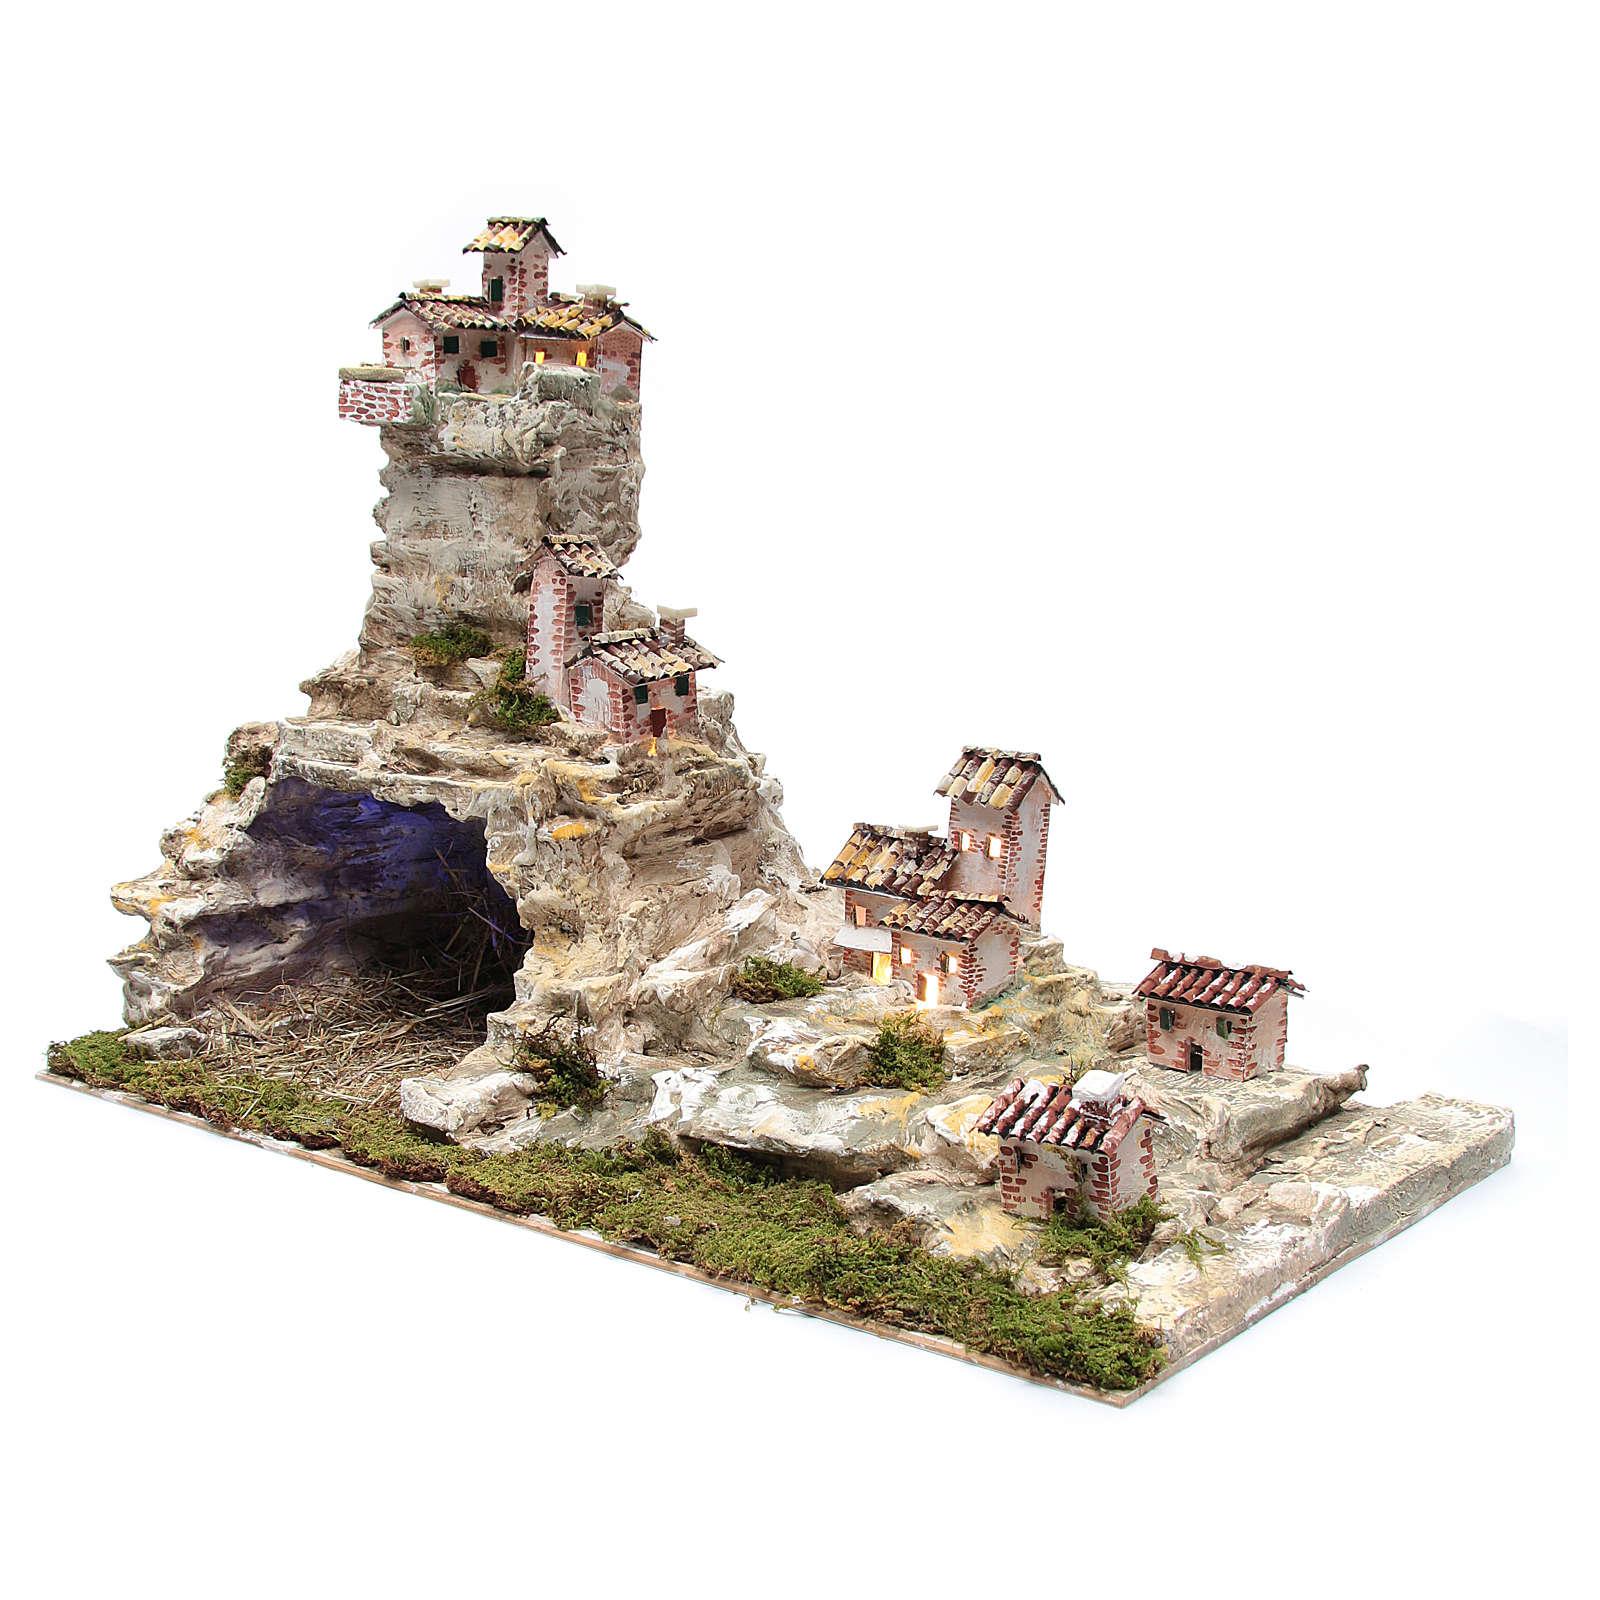 Crèche rocheuse avec éclairage 50x75x40 cm 4